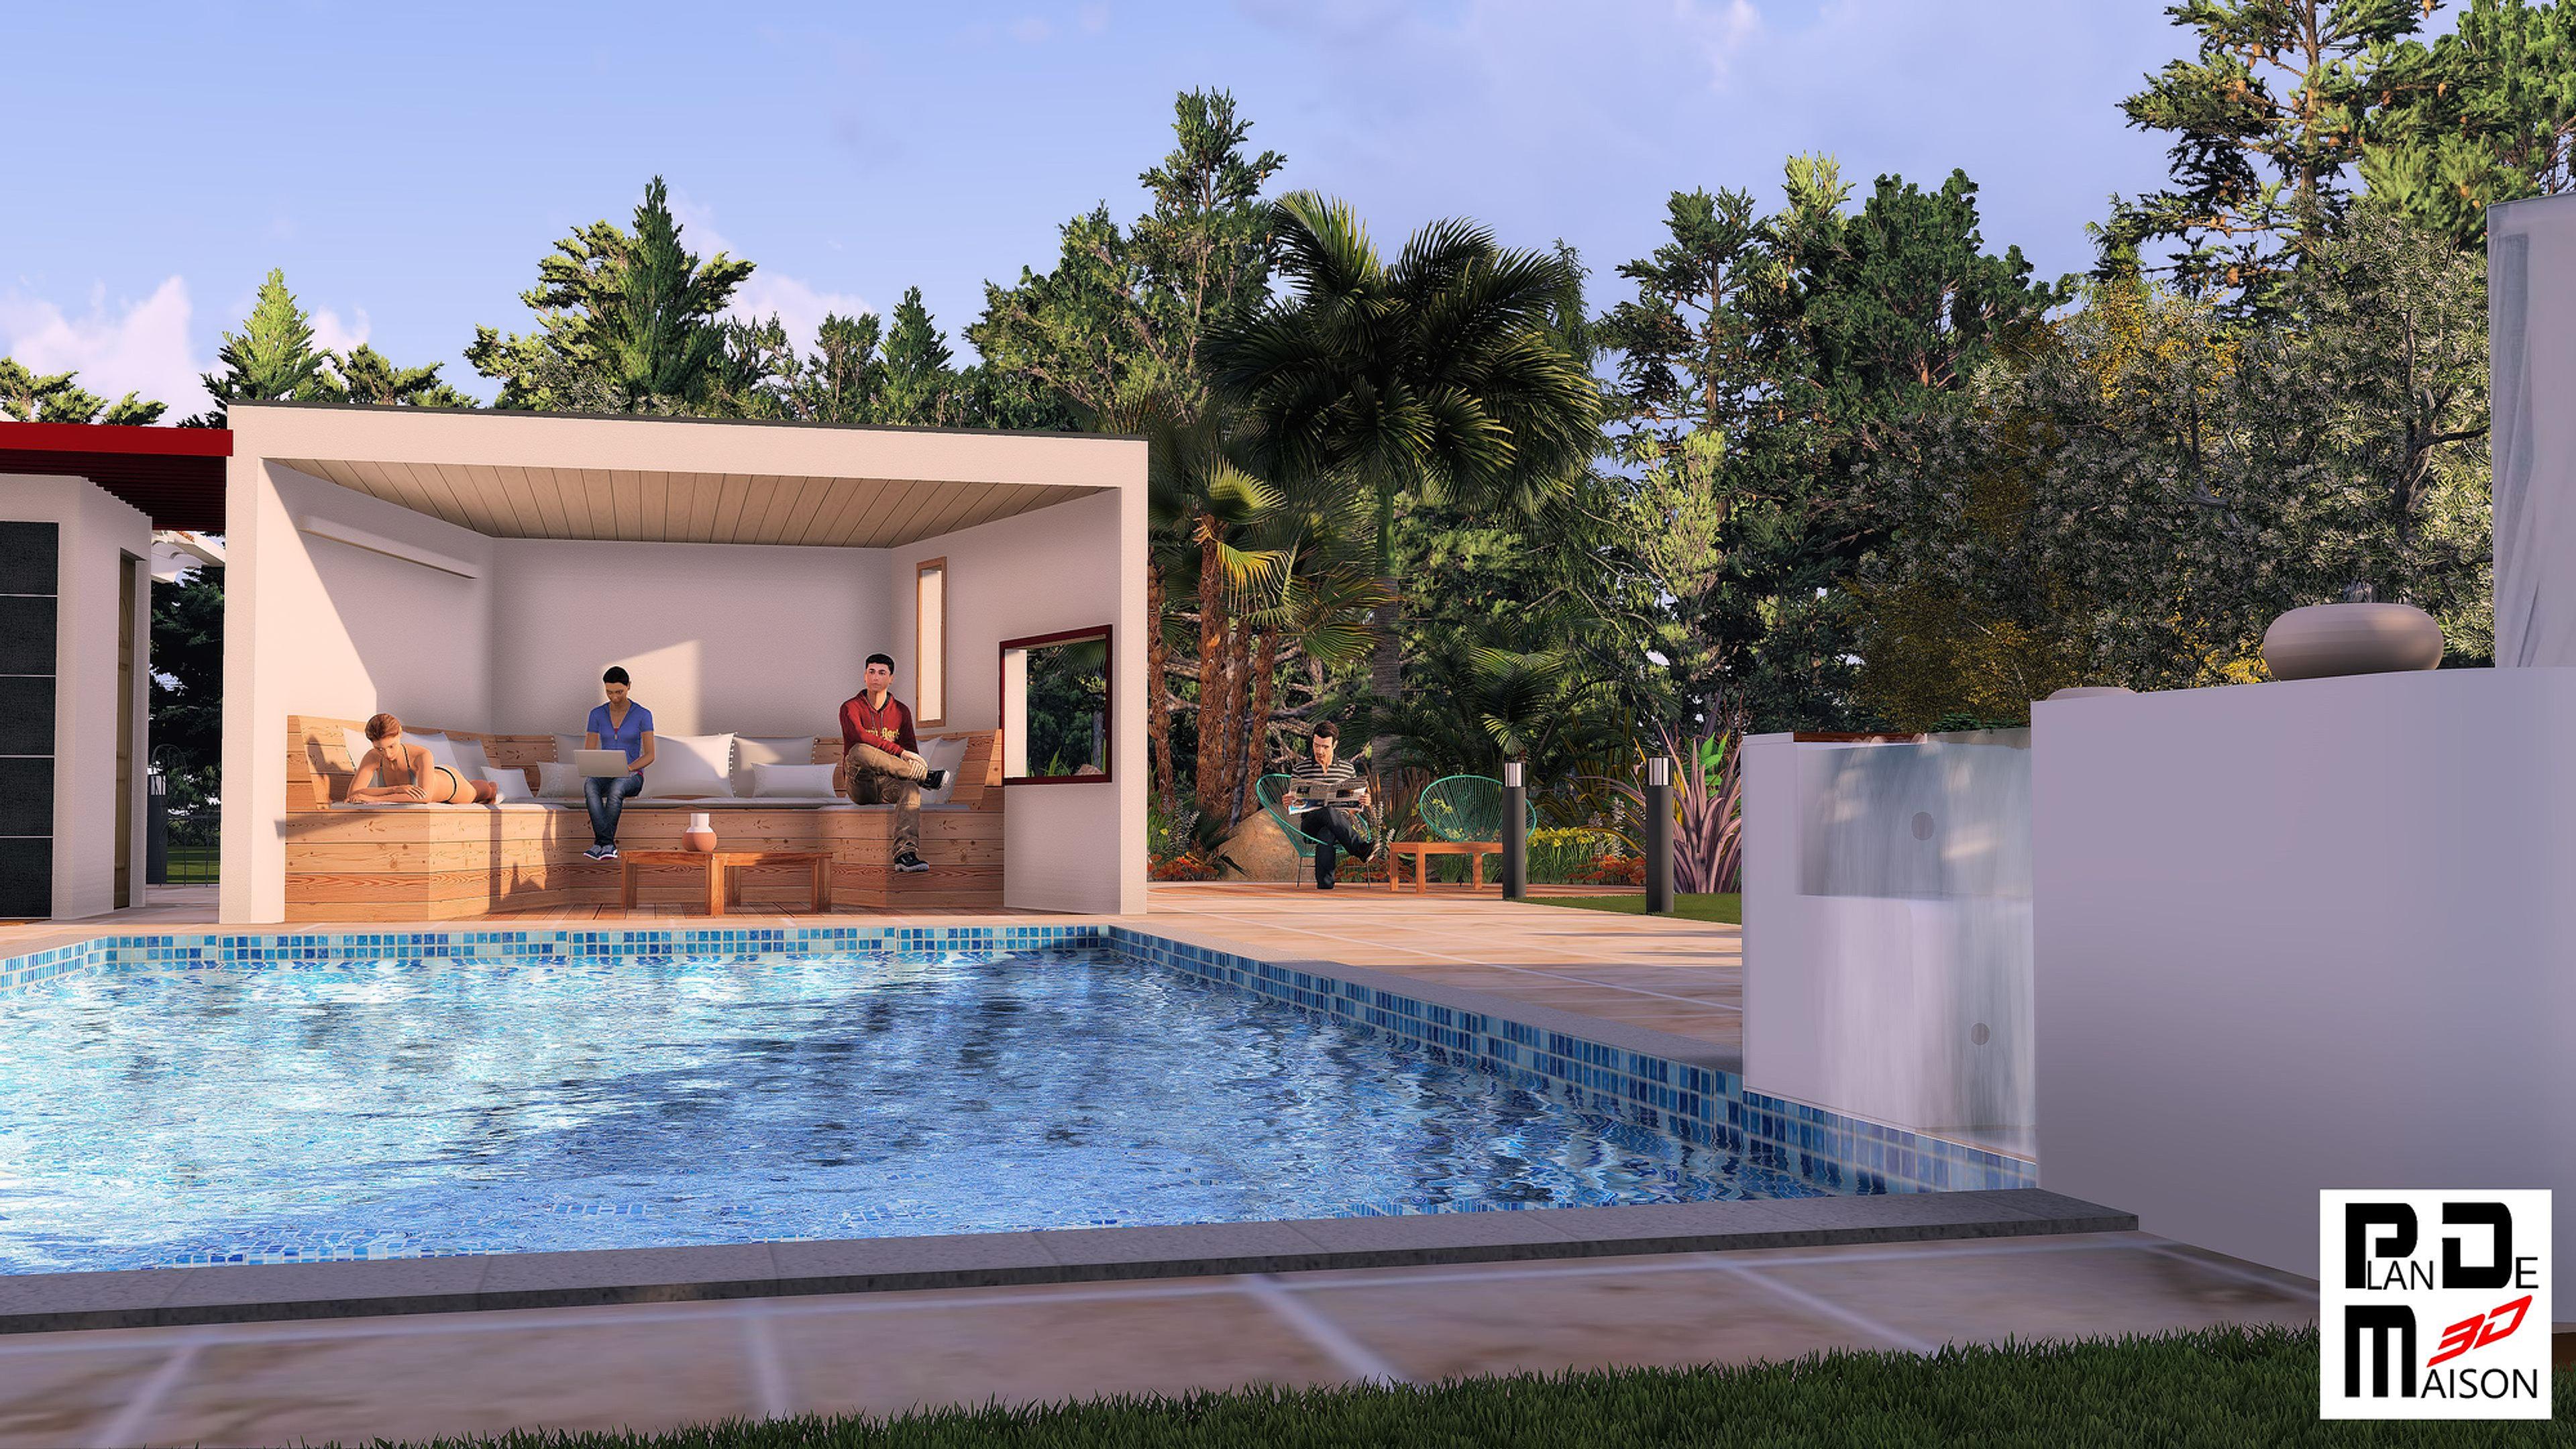 image maison 3d permis de construire plan maison 3d agence immobiliere spa piscine pool. Black Bedroom Furniture Sets. Home Design Ideas